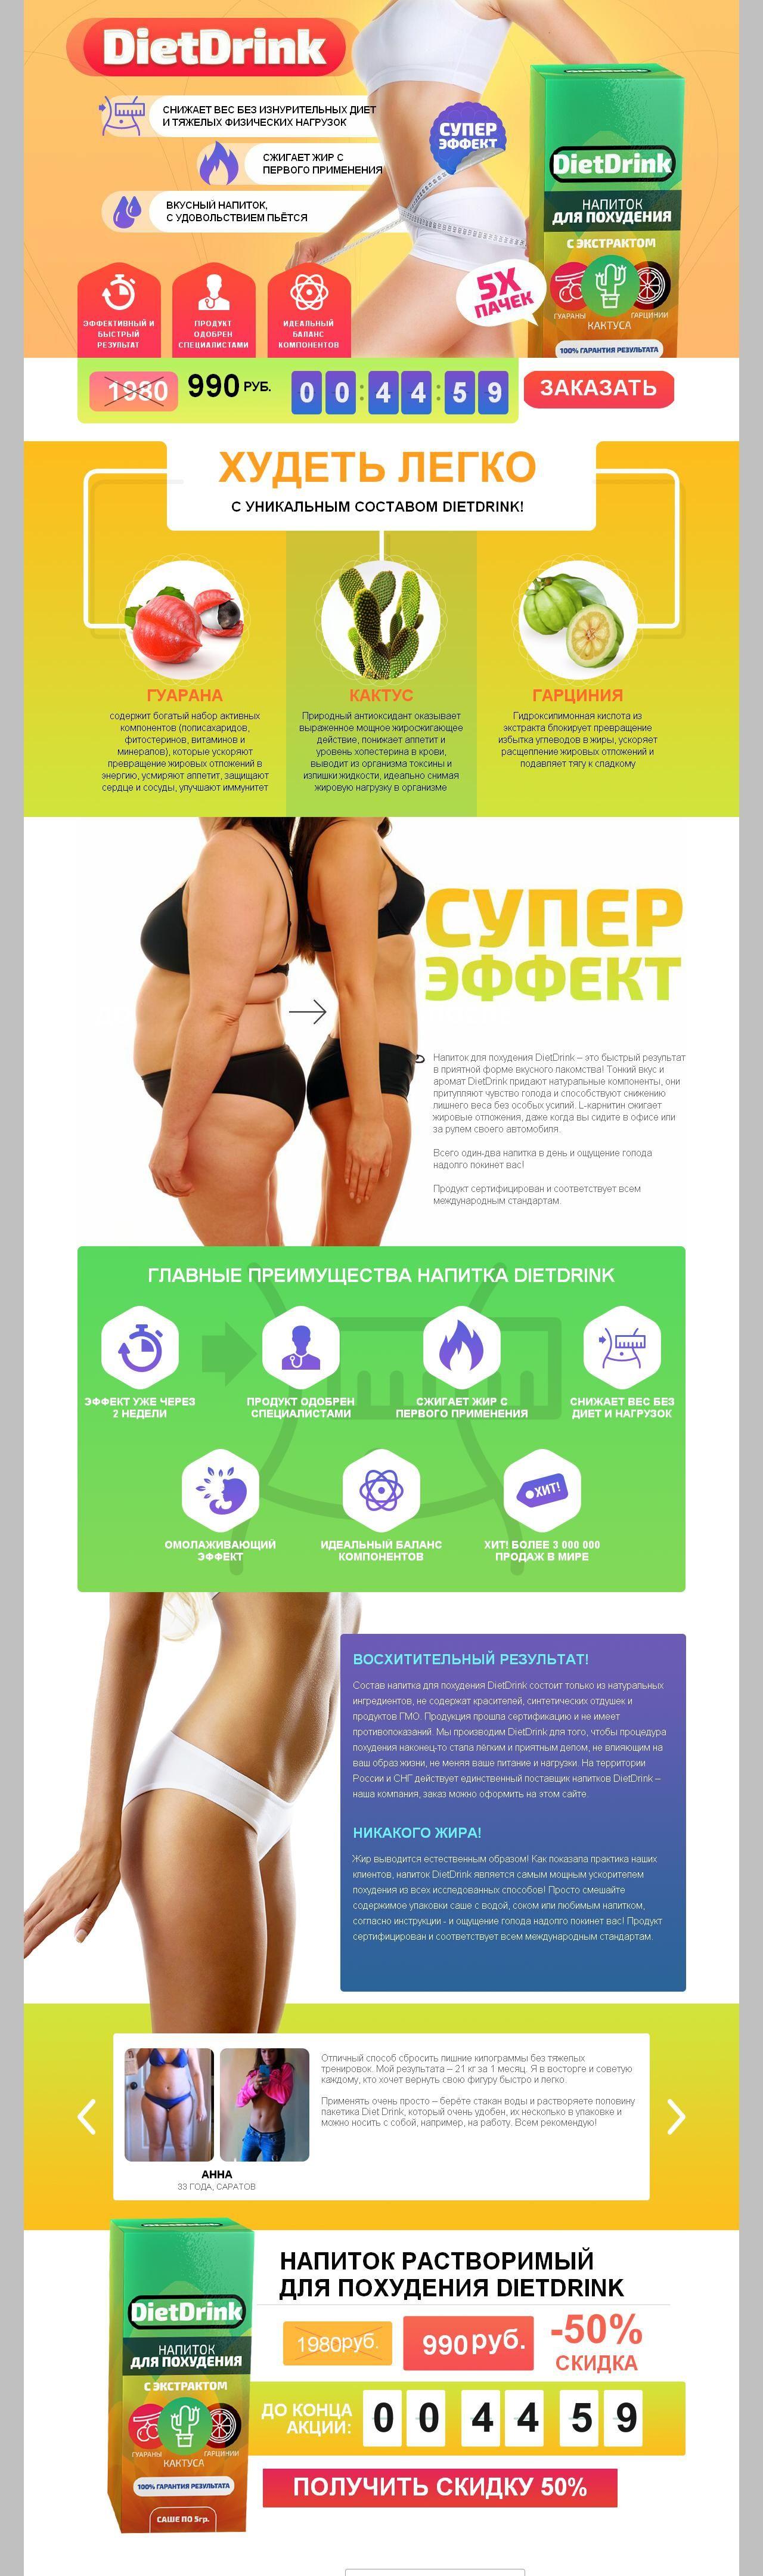 Комплексный препарат для похудения